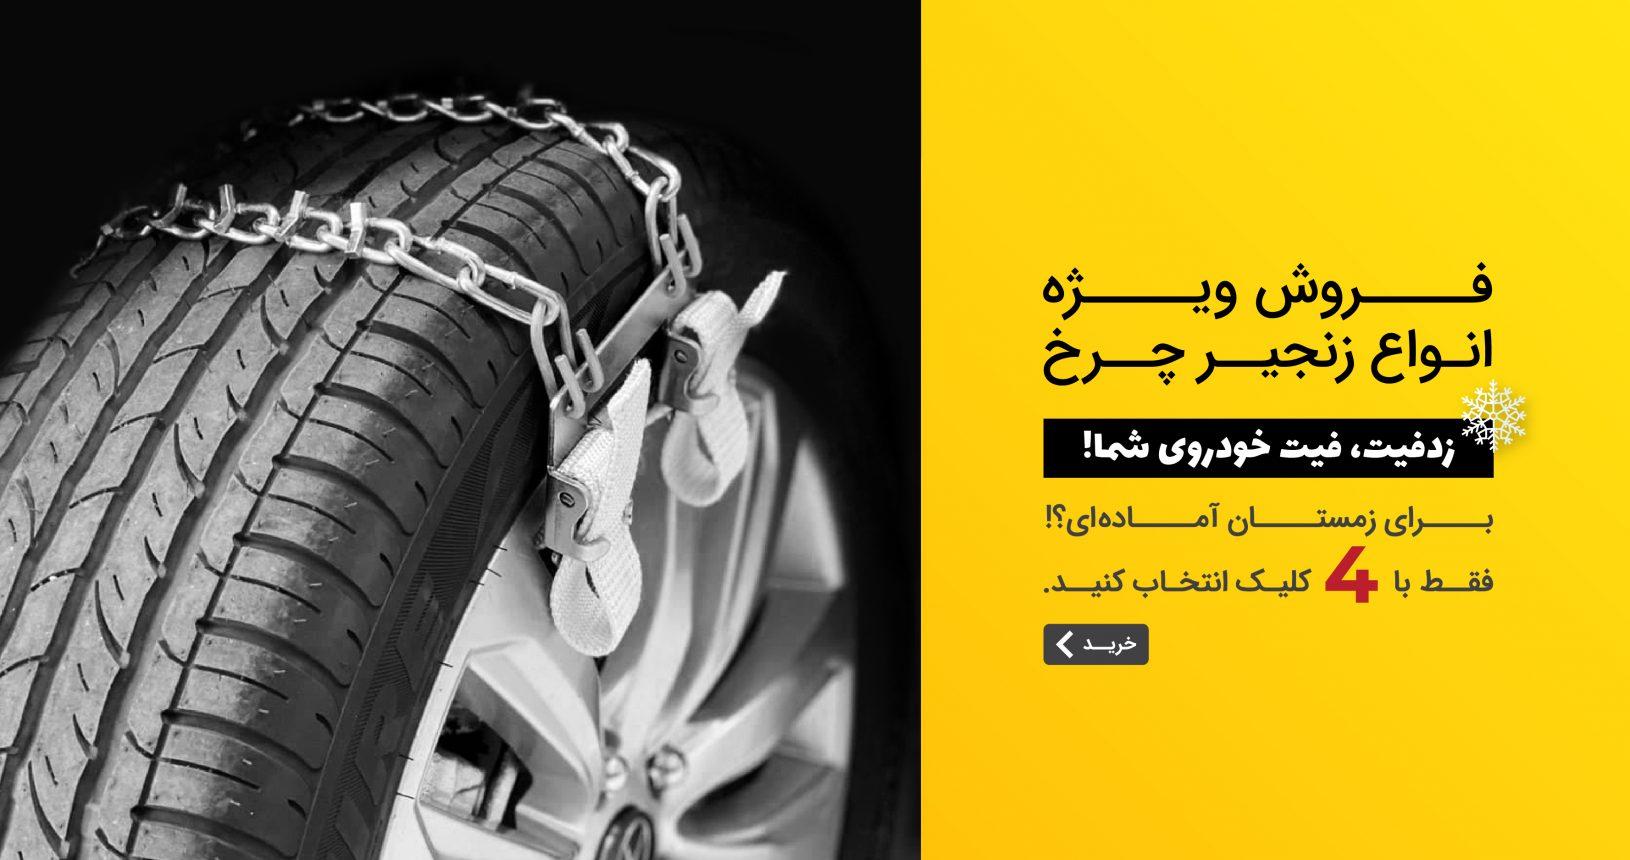 خرید آنلاین زنجیر چرخ